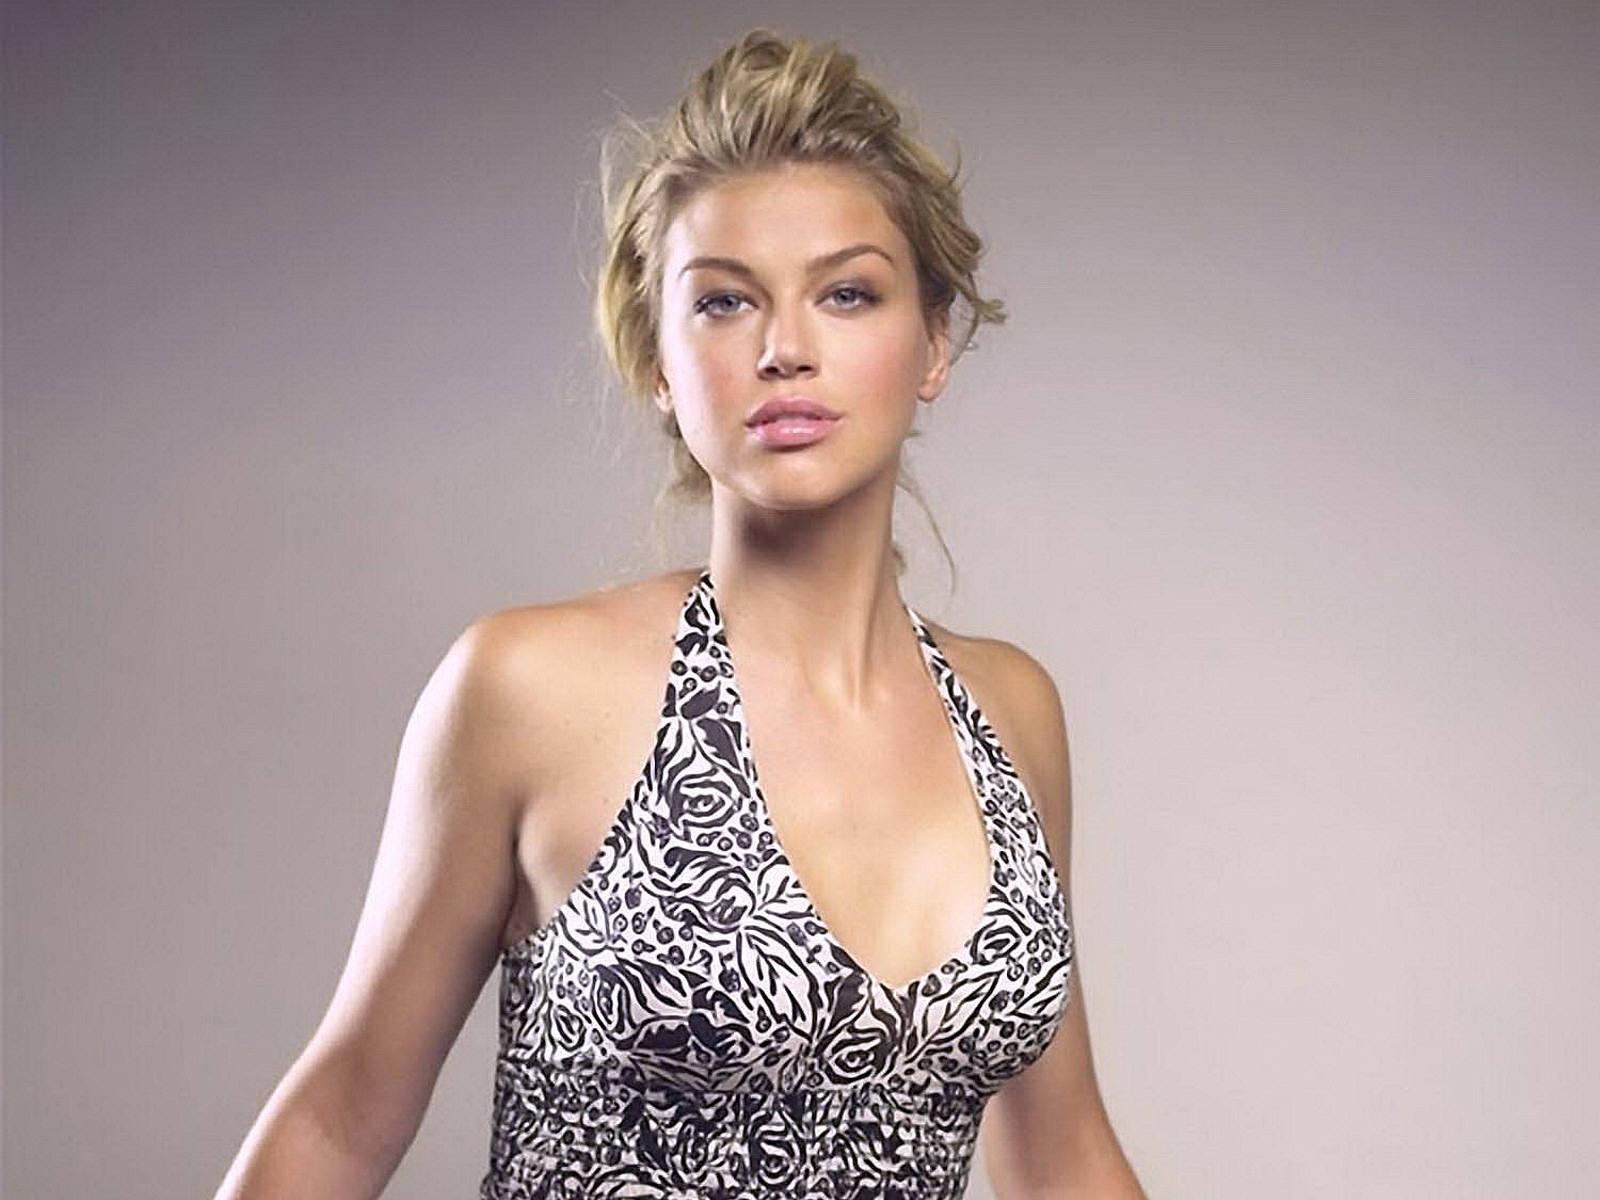 Adrianne Palicki - 5.91